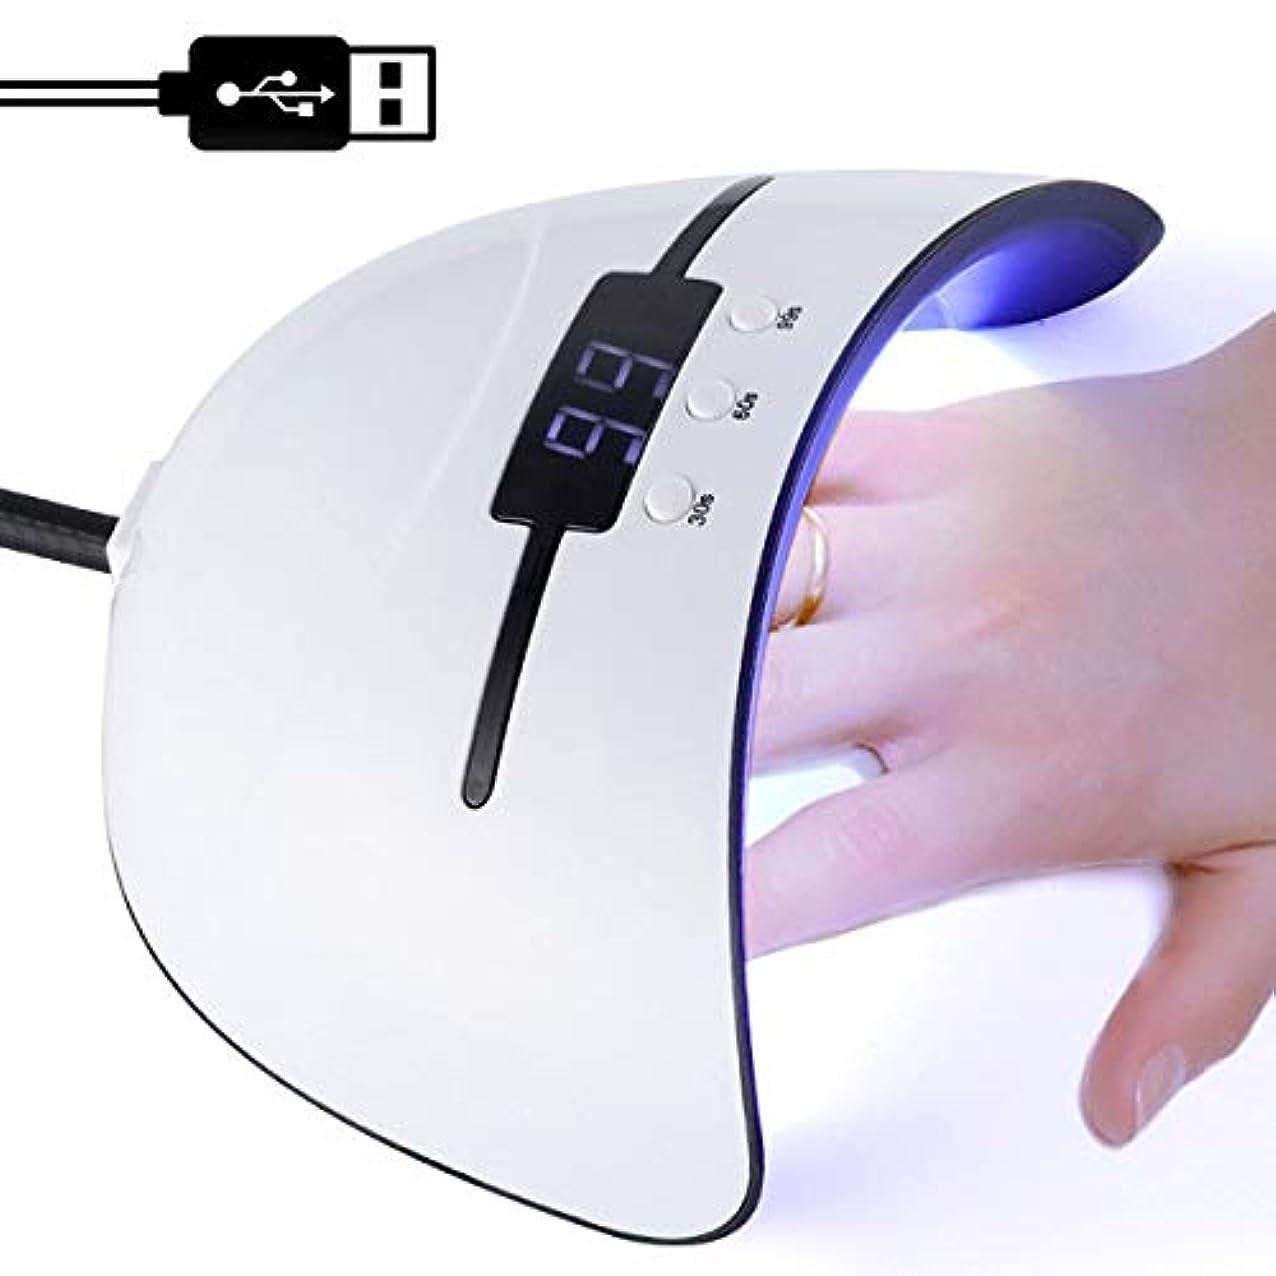 乙女肝変えるLEDネイルドライヤー UVライト LED 硬化ライト タイマー設定可能 折りたたみ式手足とも使える UV と LEDダブルライト ジェルネイル と uvライト レジン用 (36W 12ライト-ホワイト)